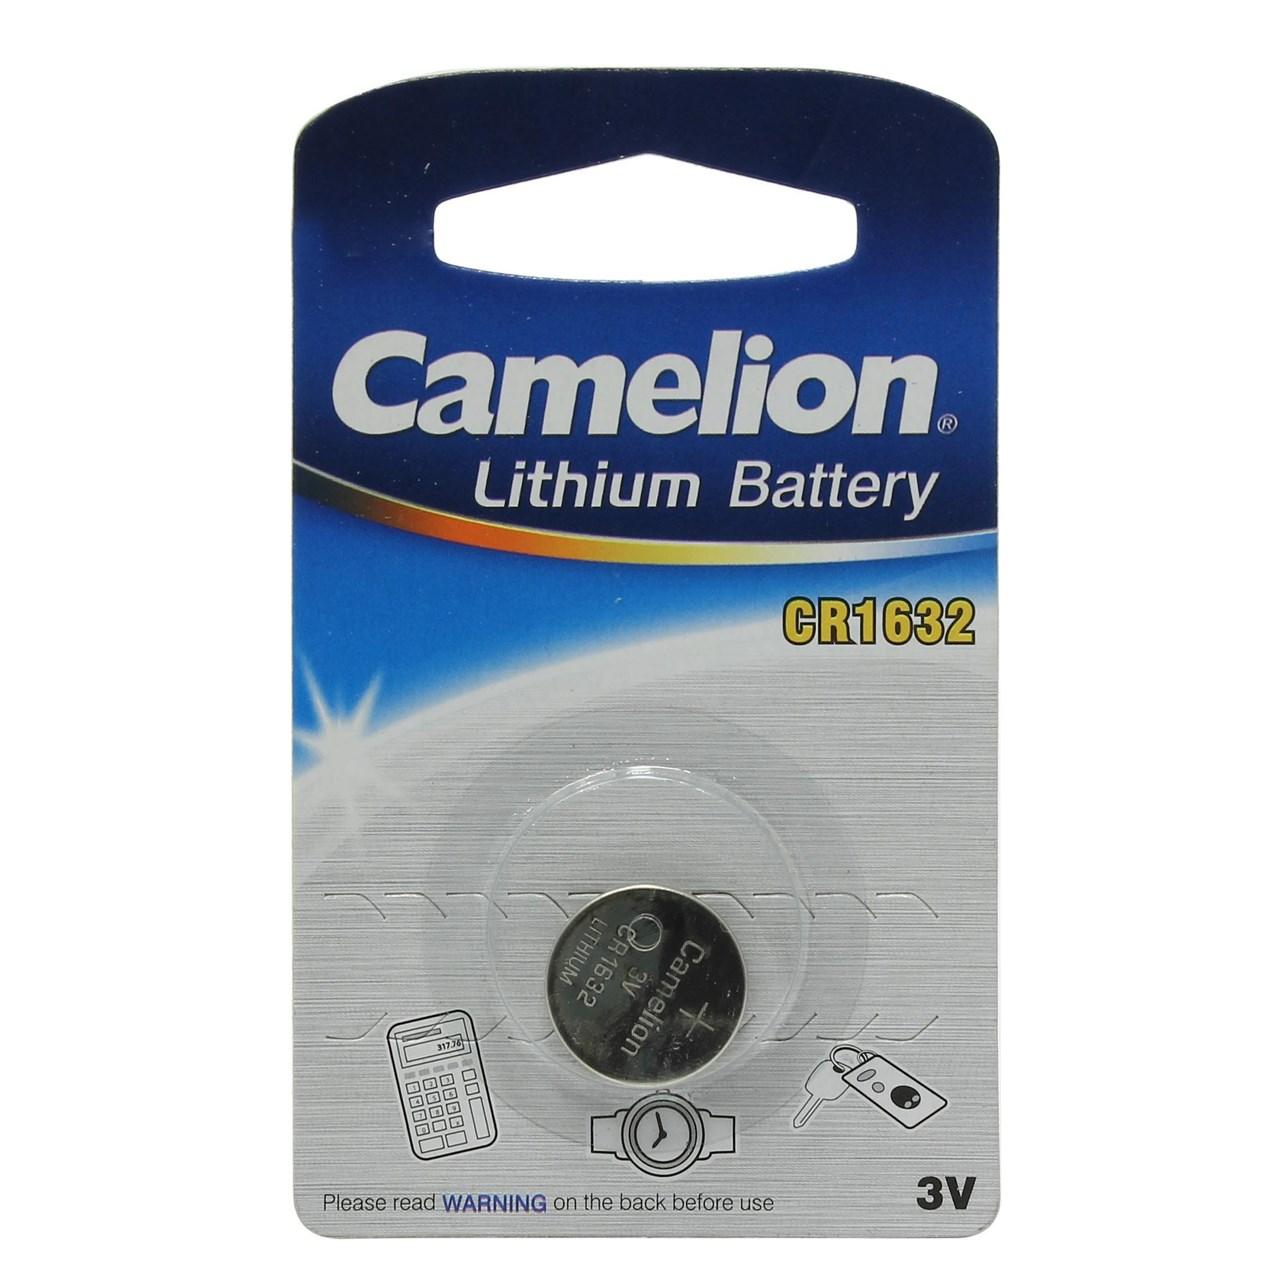 بررسی و {خرید با تخفیف} باتری سکه ای کملیون مدل CR1632 اصل